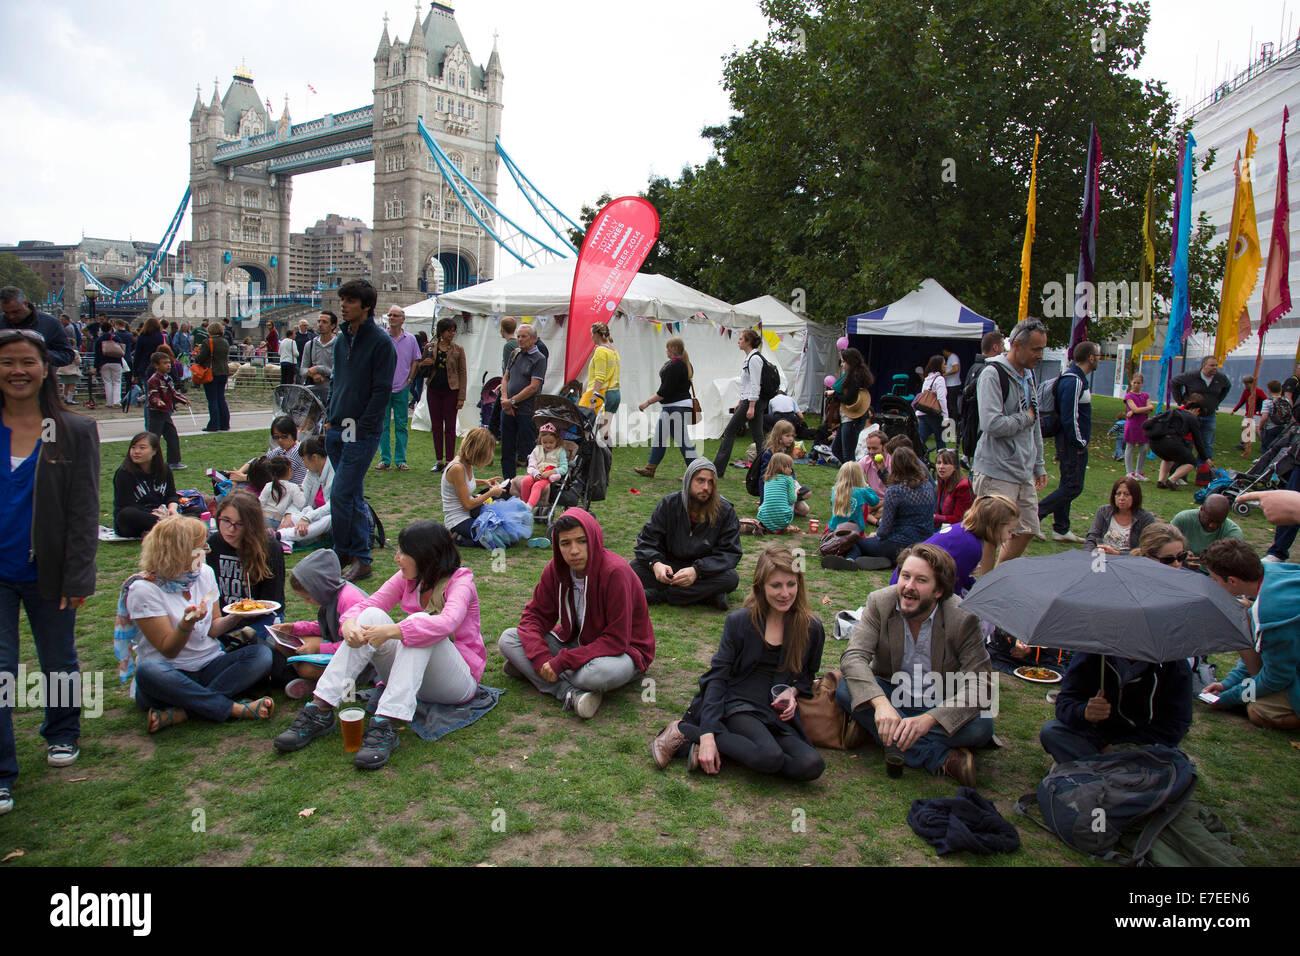 Menschen sammeln sich hängen, Bands anhören und andere Aktivitäten im Blue Ribbon Village. Thames Festival London UK. Stockfoto